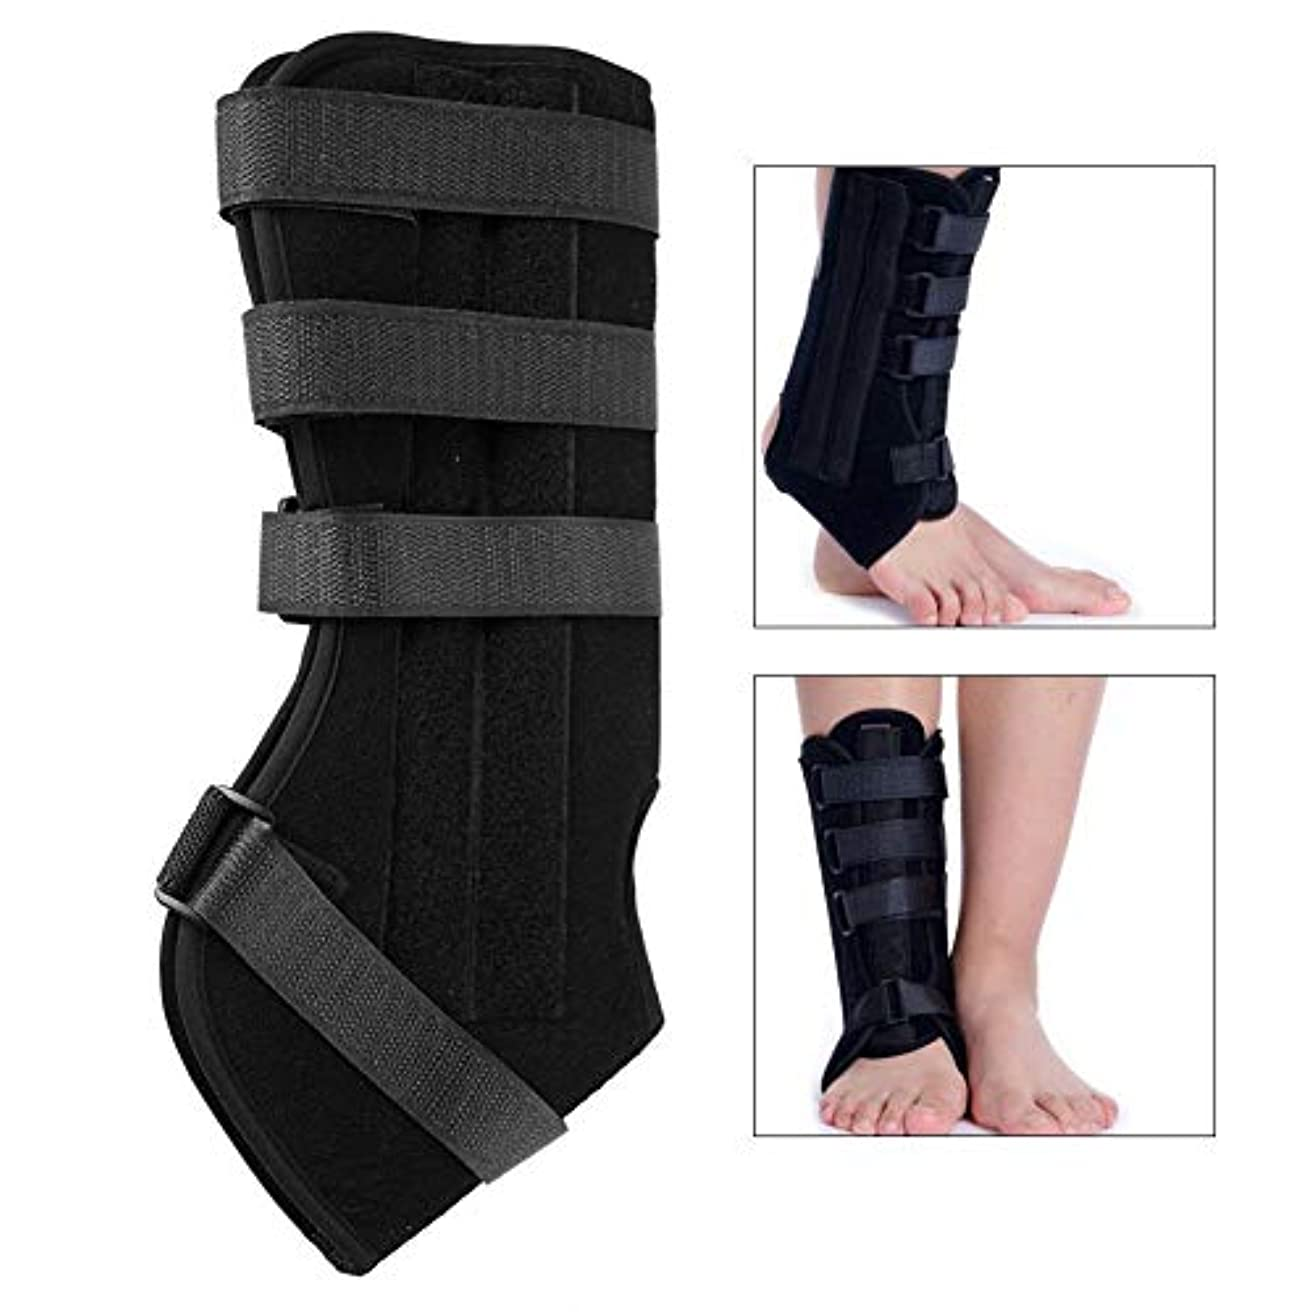 意見差別的宣教師足首装具、足首関節外部固定骨折治療修正サポートツールブレースサポート腱矯正手術後,M